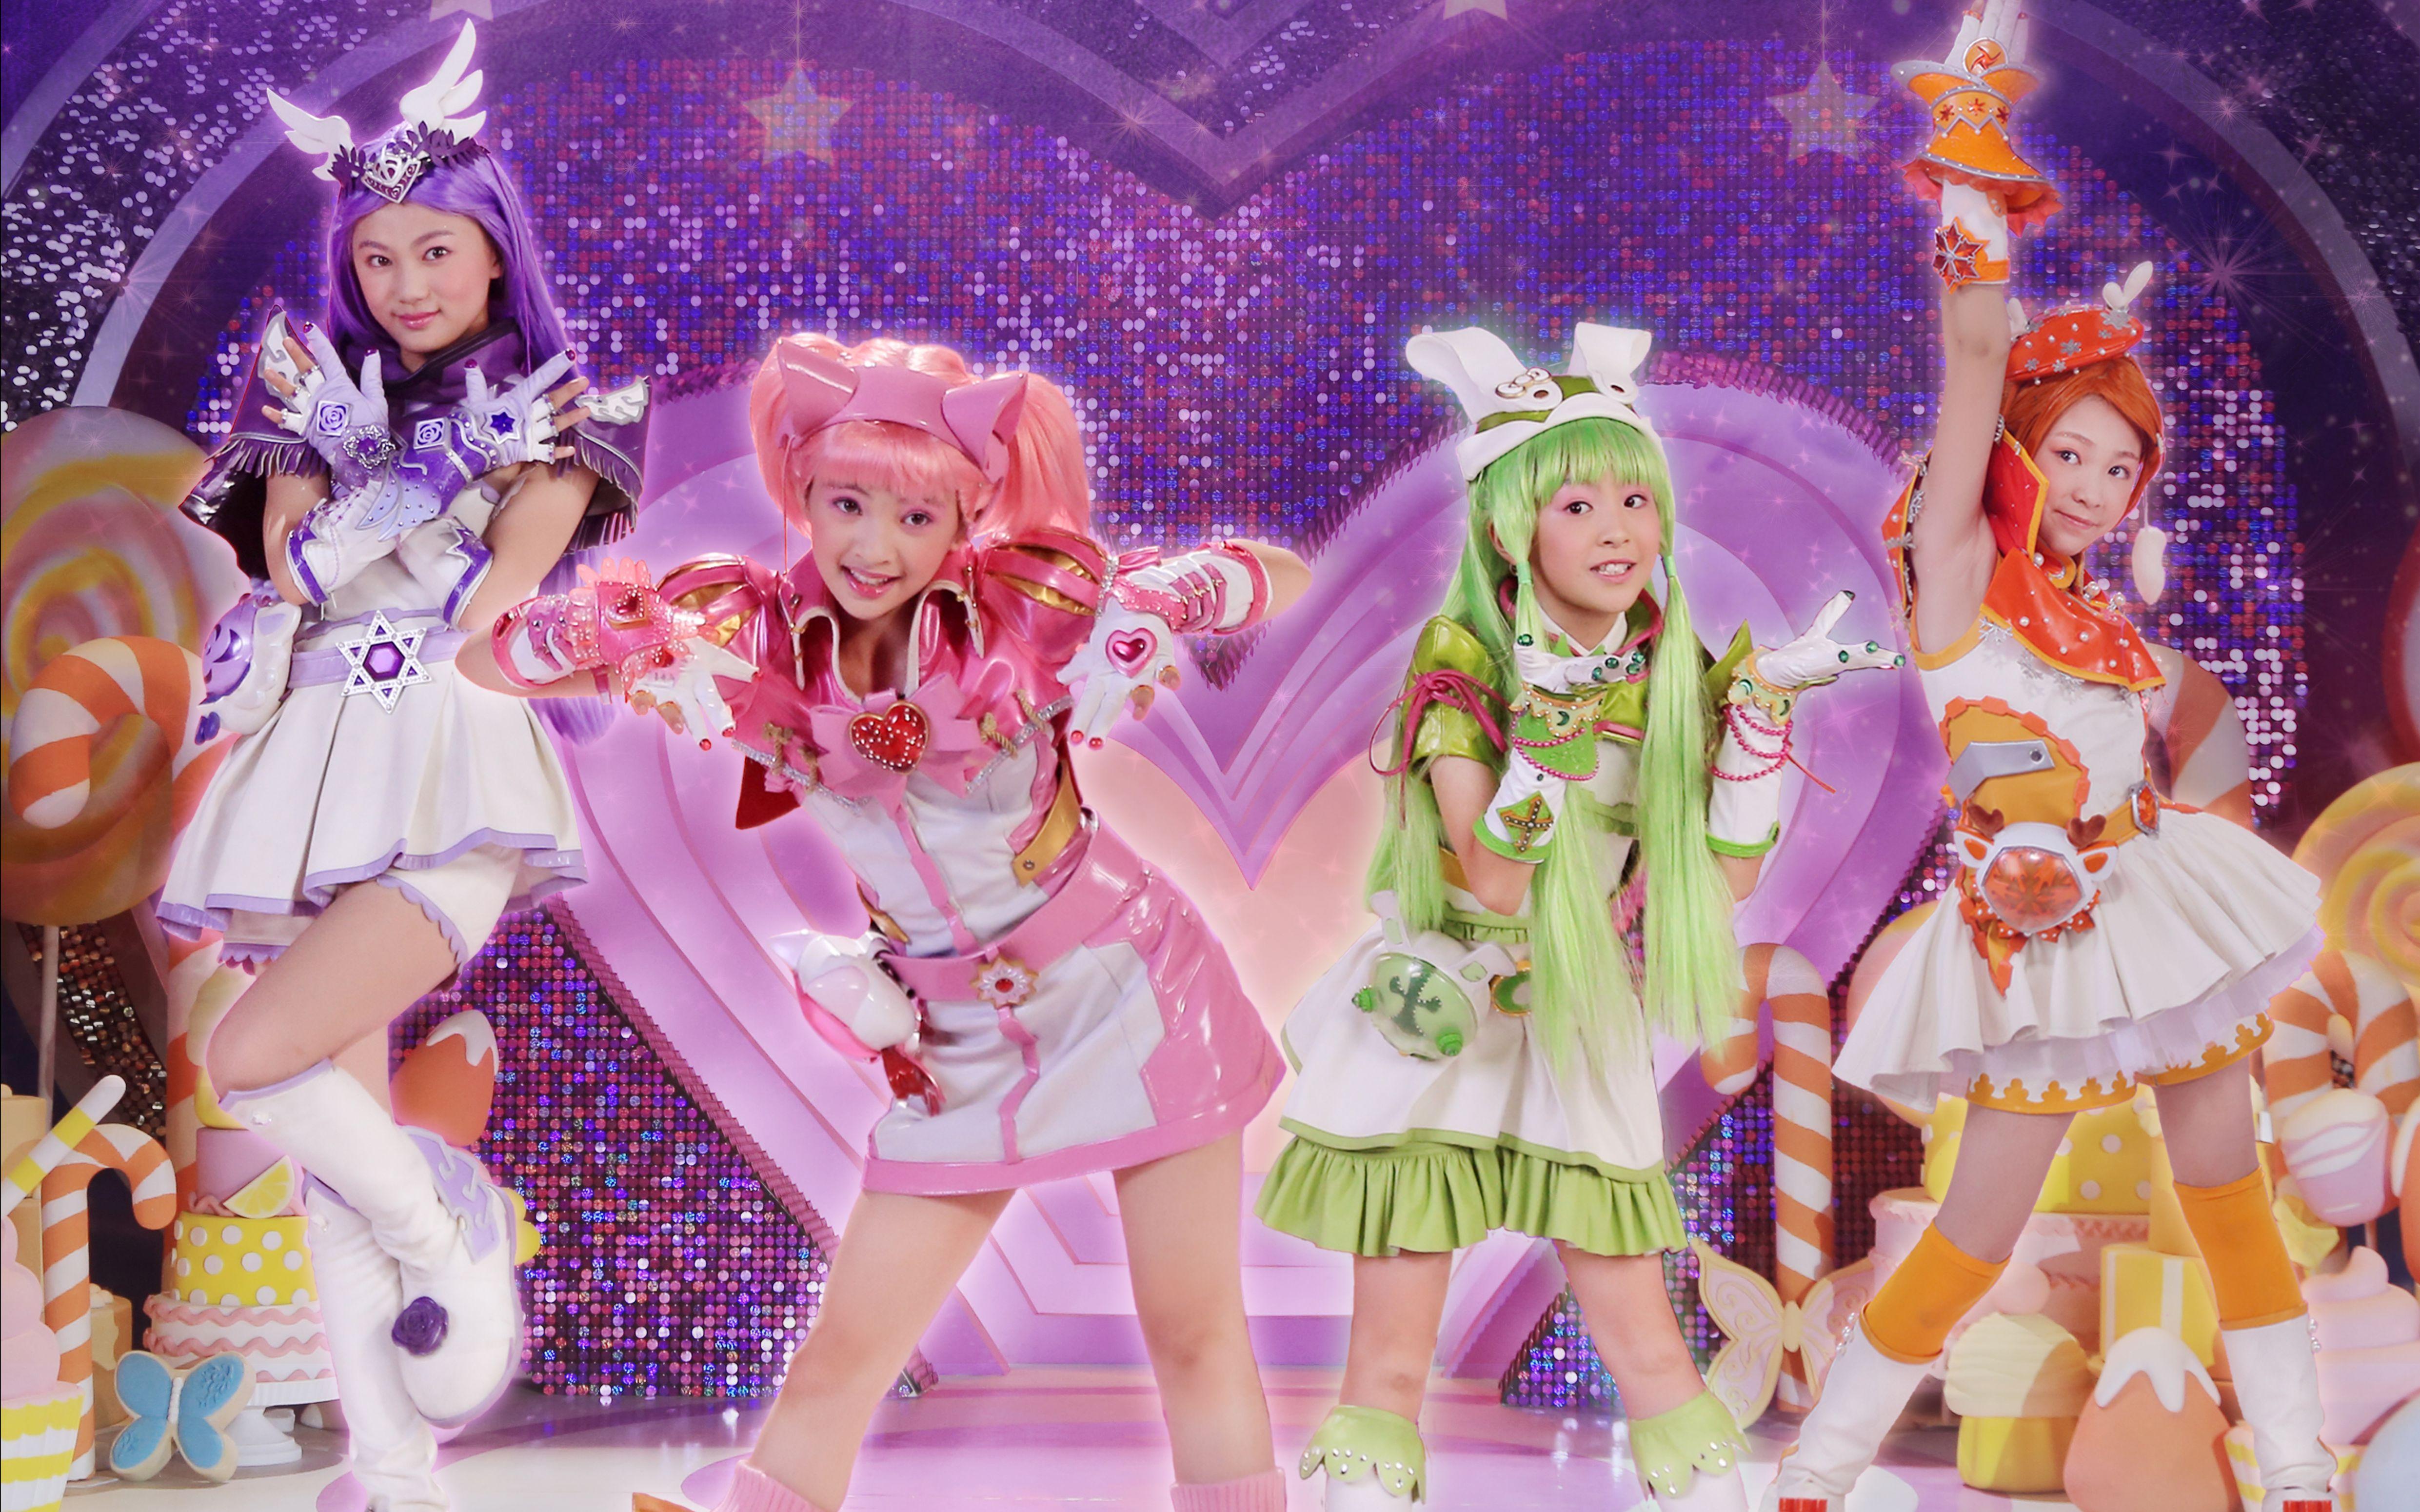 舞法天女朵法拉第二季_【魔幻/歌舞】舞法天女朵法拉 第二季 01-02:再次感受朵蜜的力量吧!